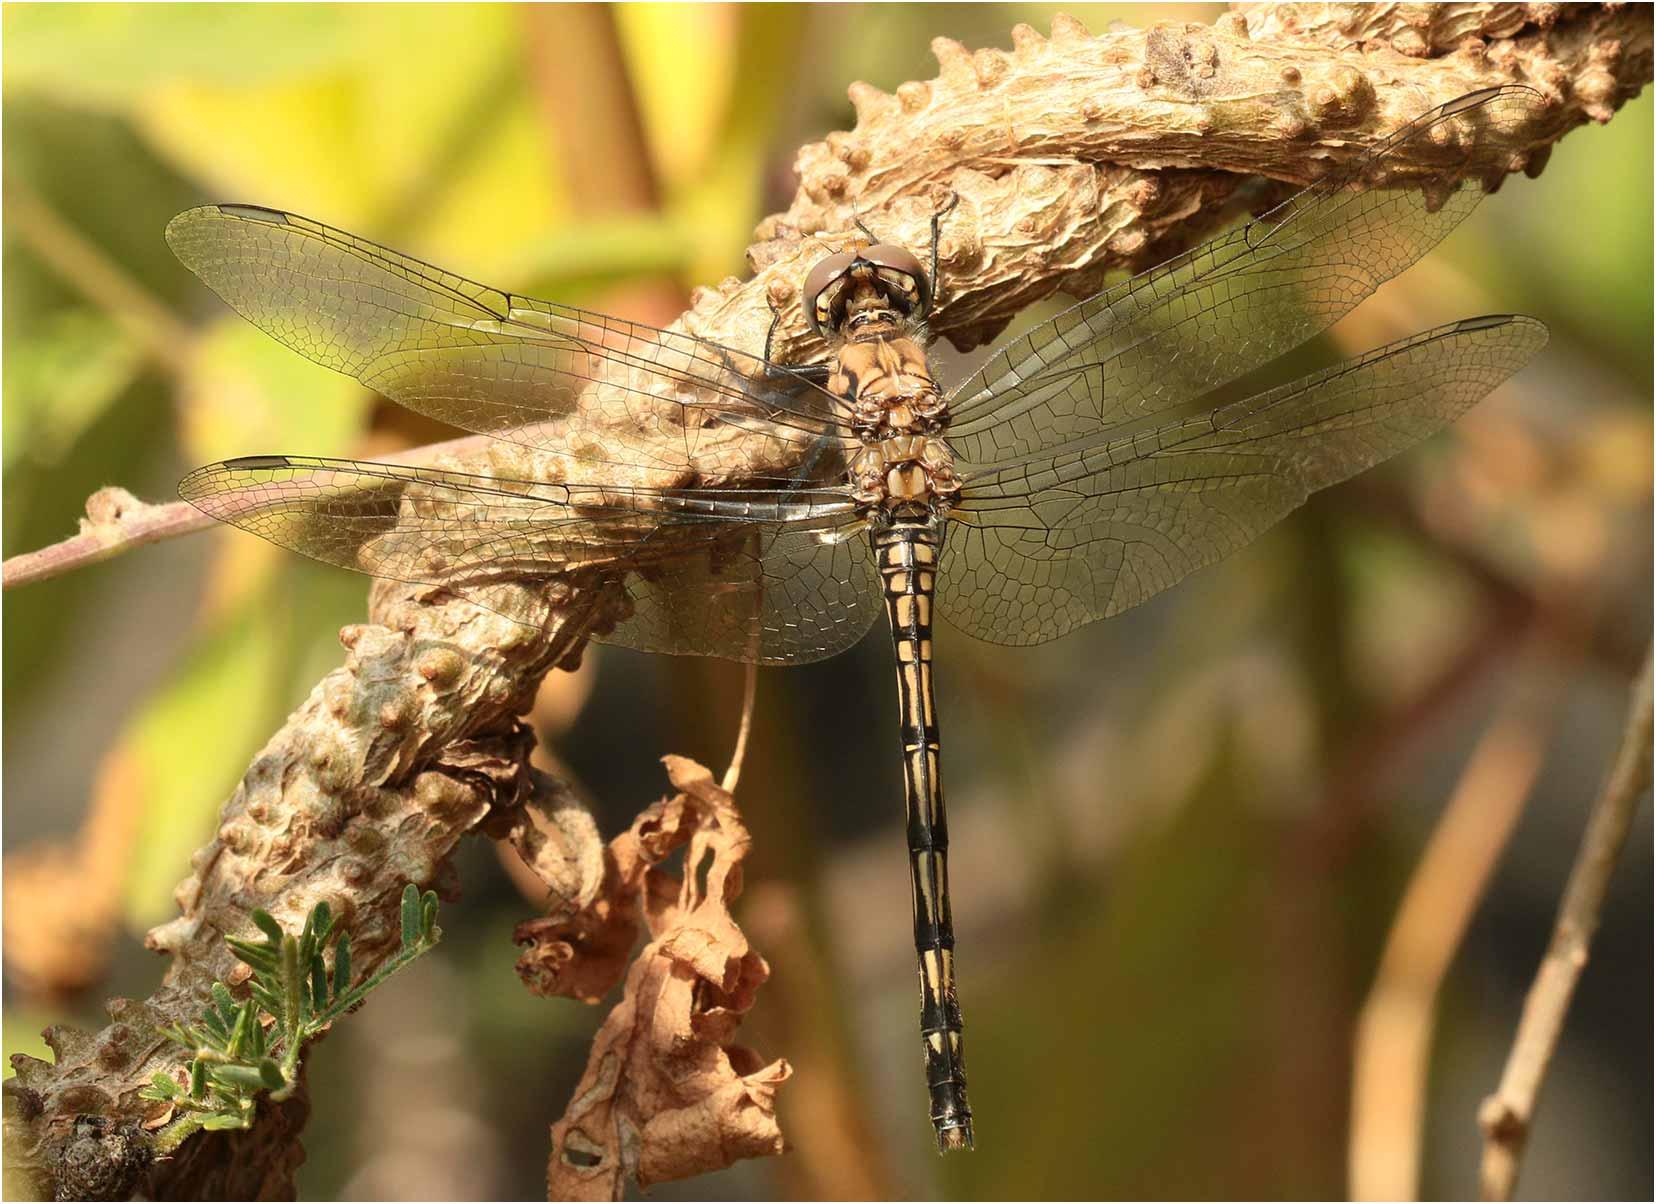 Trithemis dejouxi femelle émergente, Ethiopie, lac Langano, 01/11/2018